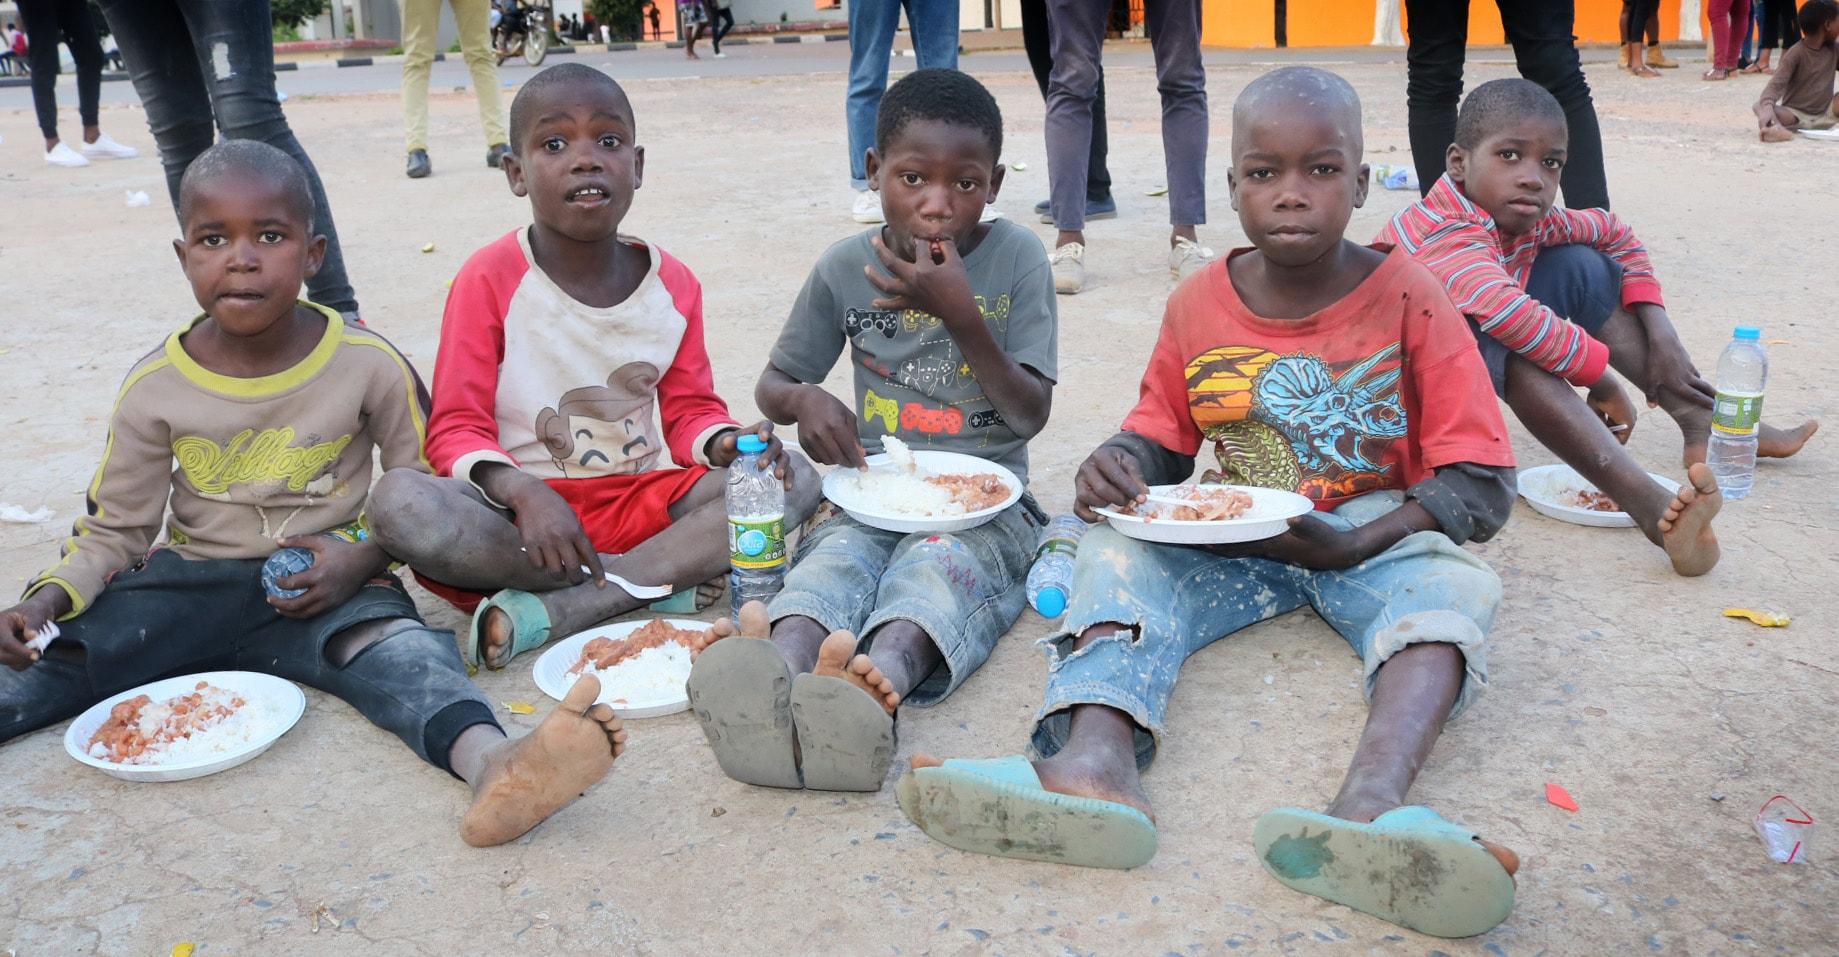 Crianças que vivem nas ruas de Malanje, Angola, desfrutam de uma refeição fornecida por jovens Metodistas Unidos durante o Dia Internacional da Criança. Foto de João Gonçalves Sofia Nhanga, Notícias MU.